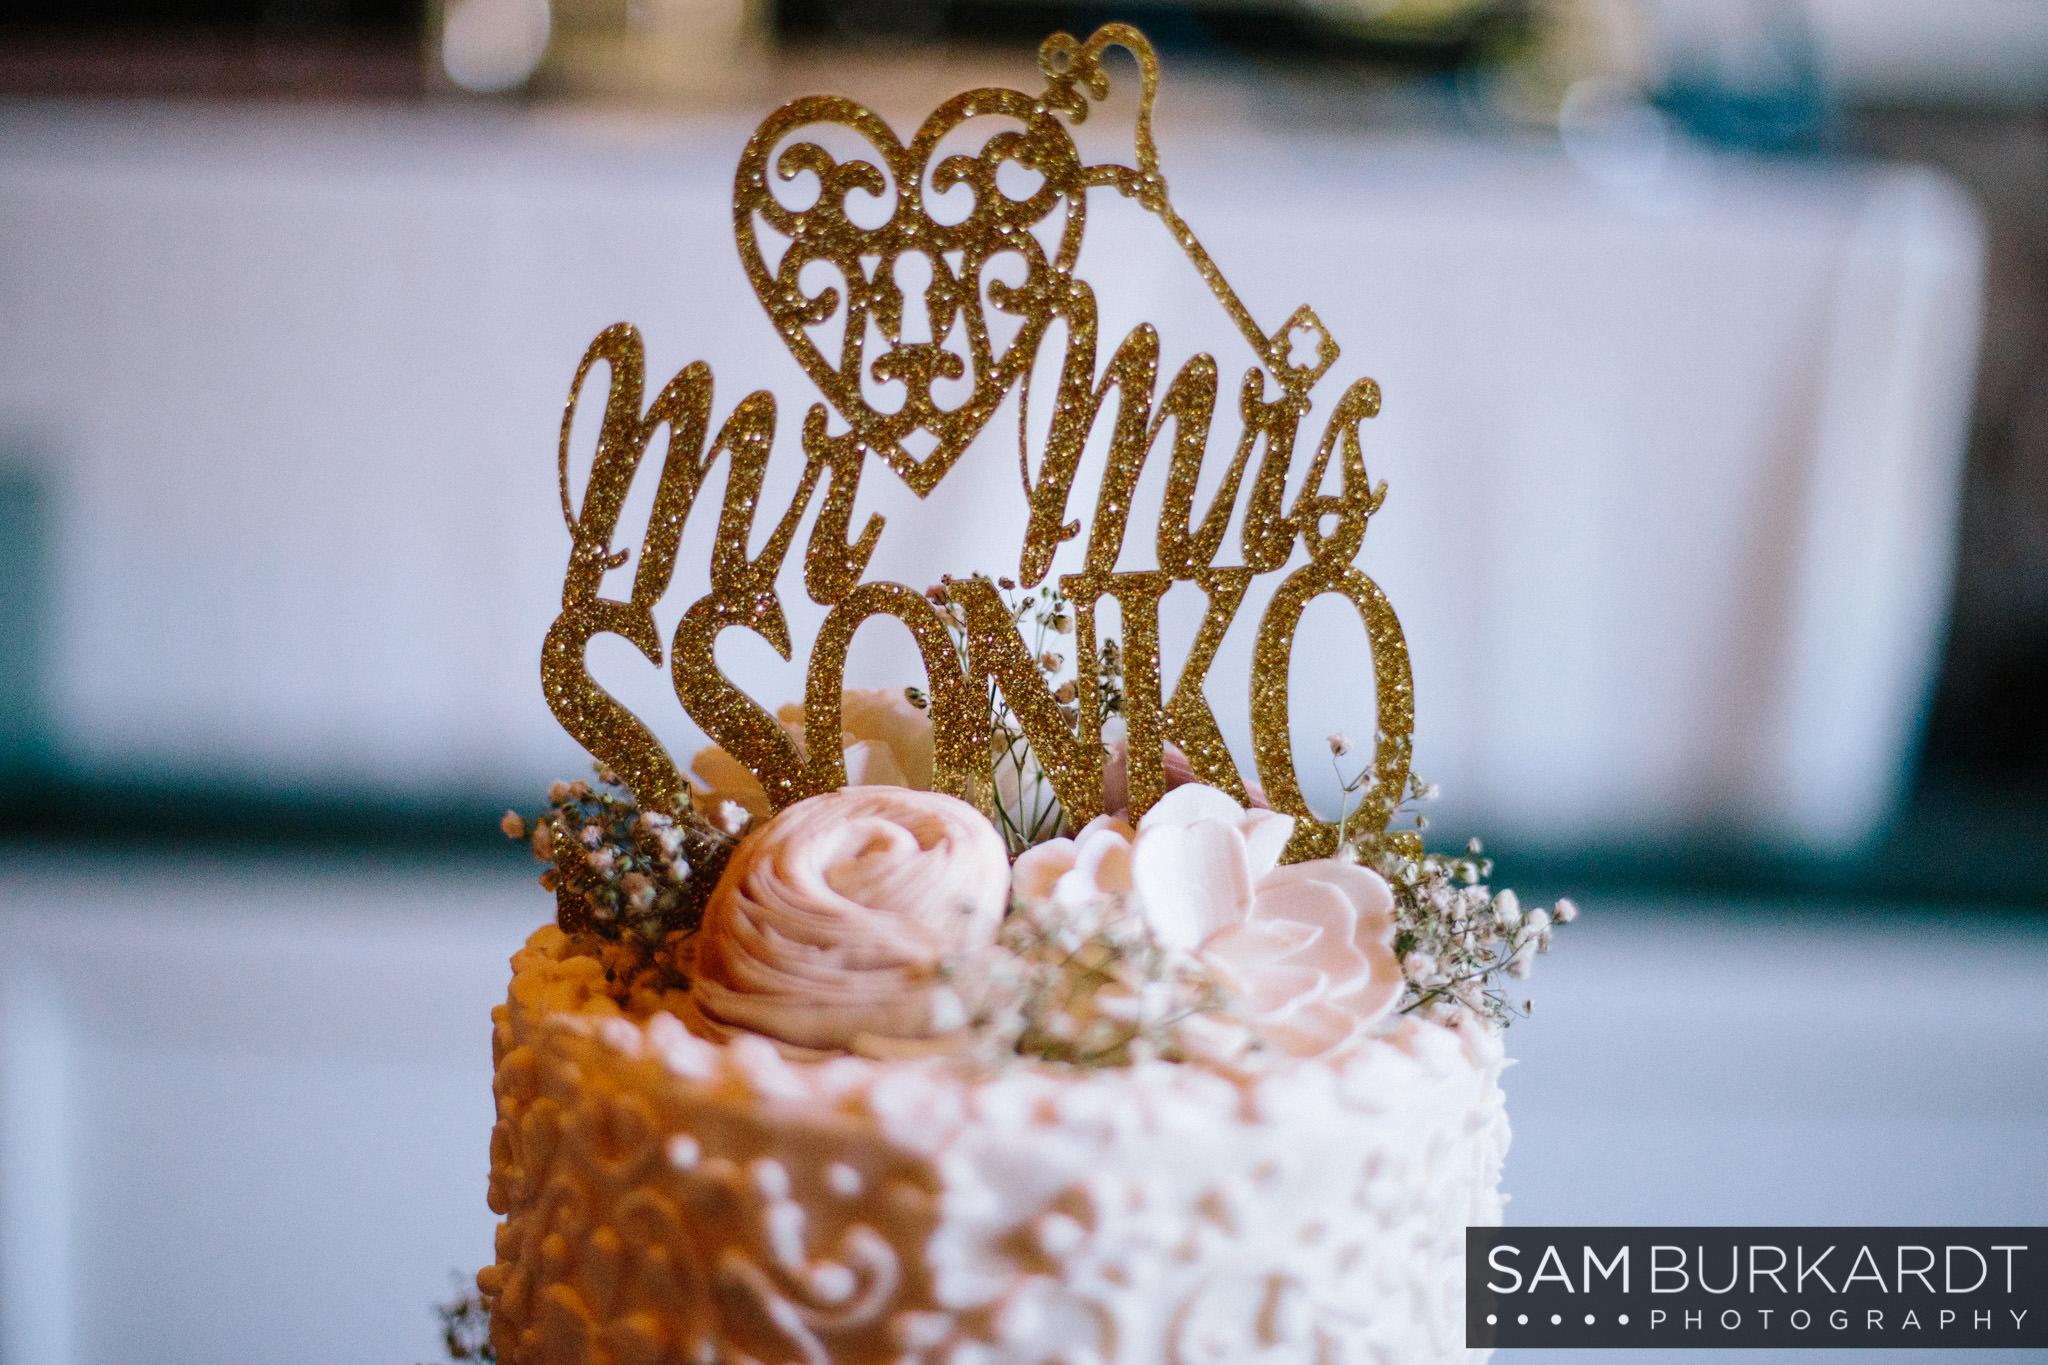 samburkardt_pond_house_hartford_wedding_fall_0056.jpg